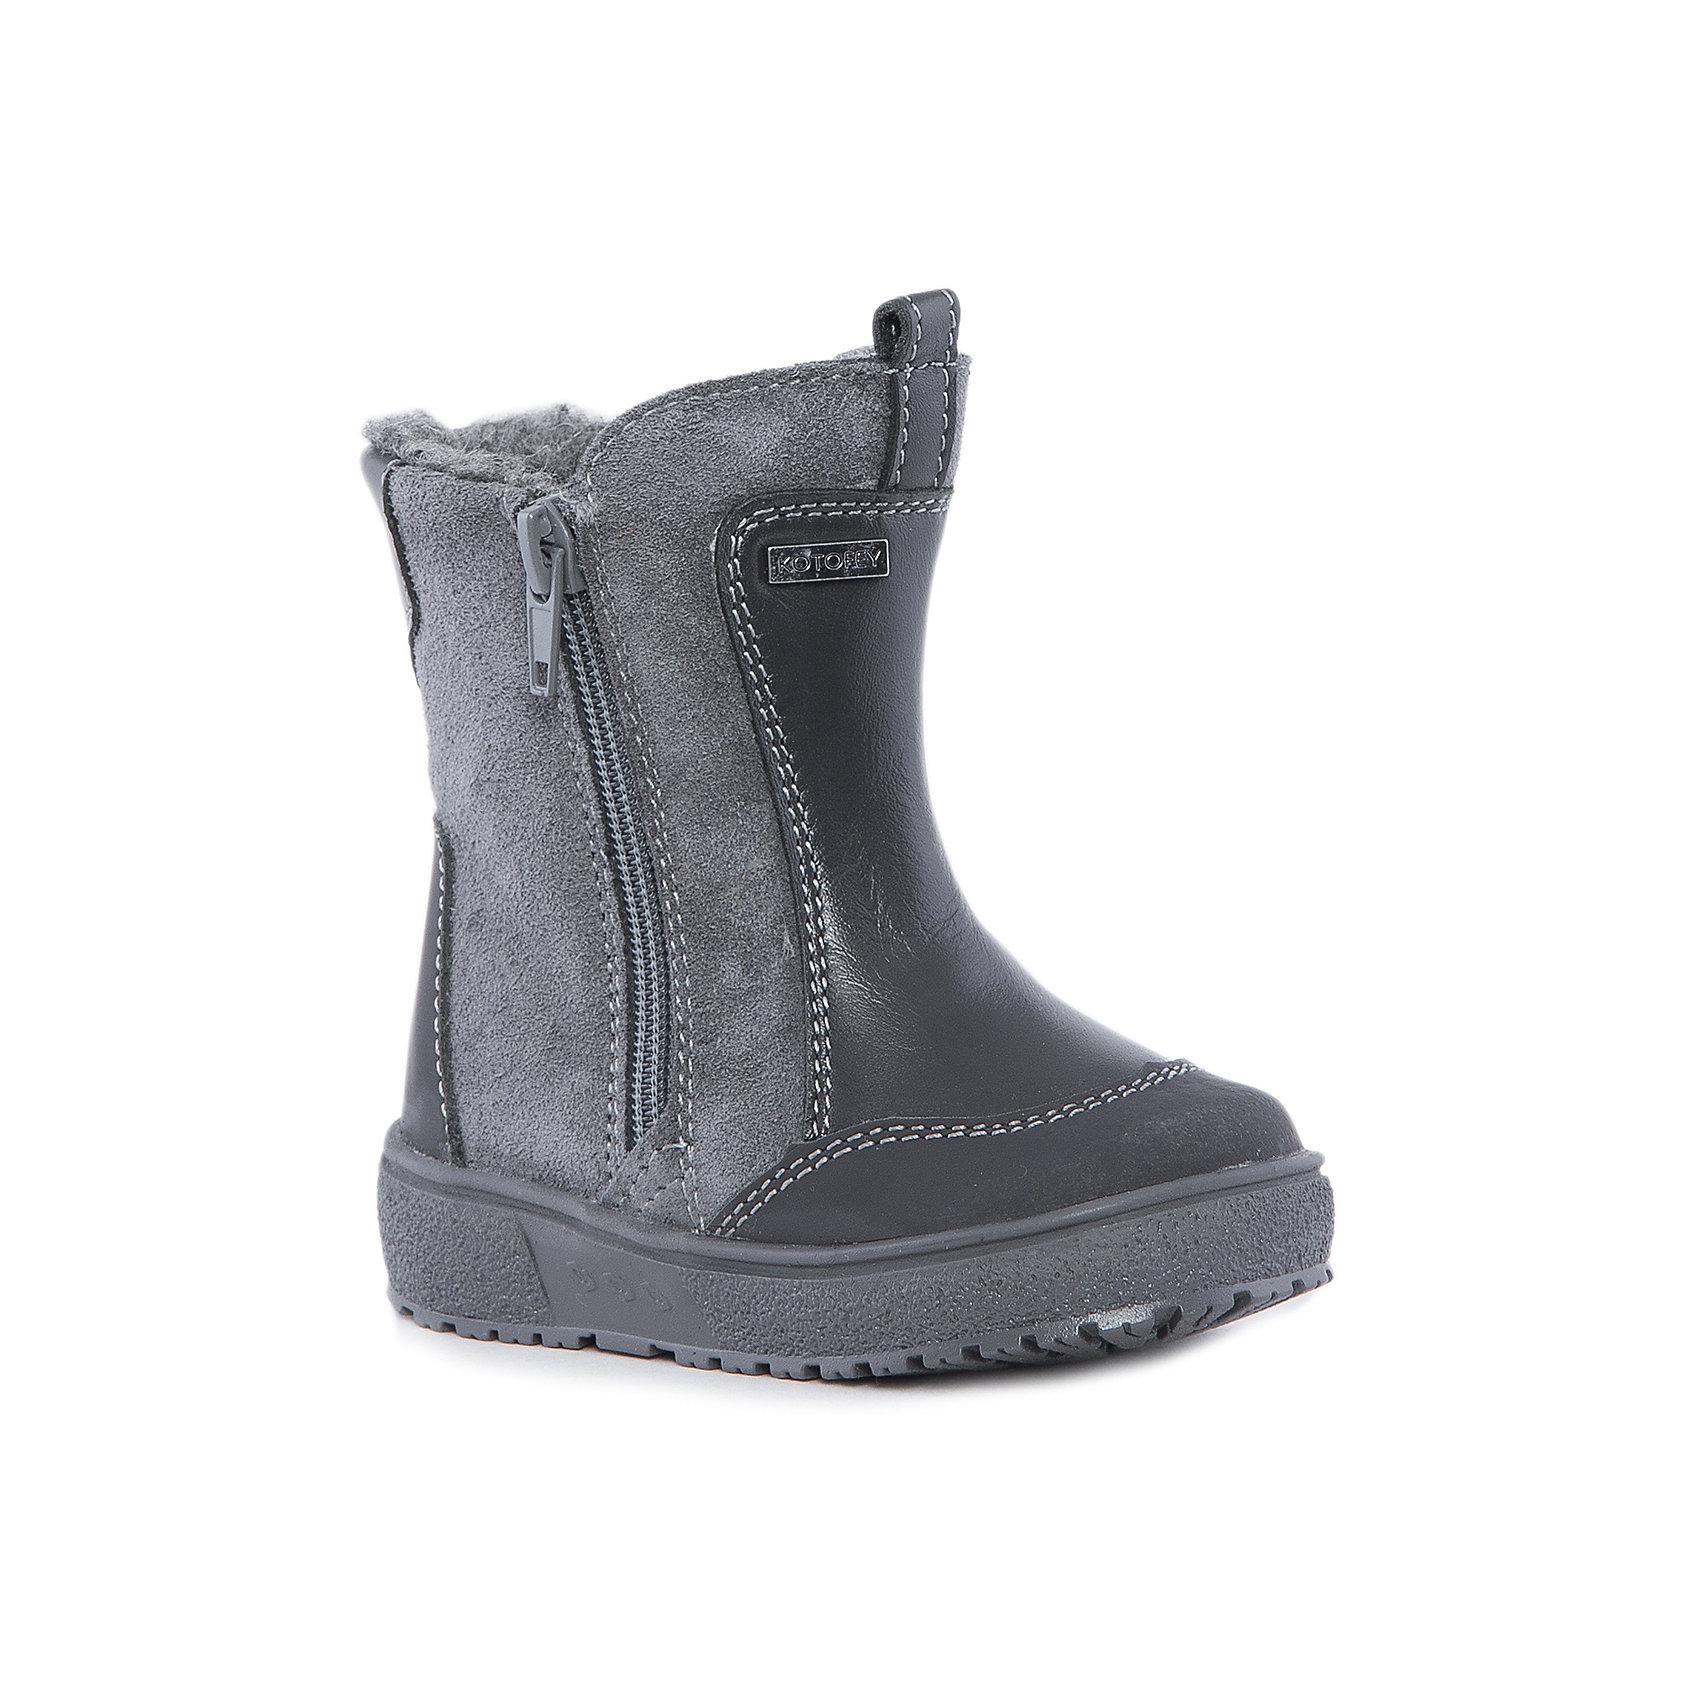 Сапоги для мальчика КотофейСапоги<br>Котофей – качественная и стильная детская обувь по доступным ценам. С каждым днем популярность бренда растет.  Выбор детской обуви – серьезное и ответственное занятие, так как от качества ботиночек зависит здоровье малыша. Кожа и замша – классическое сочетание стильной обуви. Никаких украшений, аппликаций и прочего. Только классика и стиль.<br>Универсальный пошив без лишних деталей подойдет к любой одежде.<br><br>Дополнительная информация:<br><br>цвет: серый;<br>вид крепления: на клею;<br>застежка: молния;<br>температурный режим: от -15 °С до +5° С.<br><br>Состав:<br>материал верха – натуральная кожа;<br>подкладка – мех шерстяной;<br>подошва – ТЭП.<br><br>Зимние сапожки из натуральных материалов для мальчика ясельного возраста от фирмы Котофей можно приобрести у нас в магазине.<br><br>Ширина мм: 257<br>Глубина мм: 180<br>Высота мм: 130<br>Вес г: 420<br>Цвет: серый<br>Возраст от месяцев: 15<br>Возраст до месяцев: 18<br>Пол: Мужской<br>Возраст: Детский<br>Размер: 22,21,23,24<br>SKU: 4982344